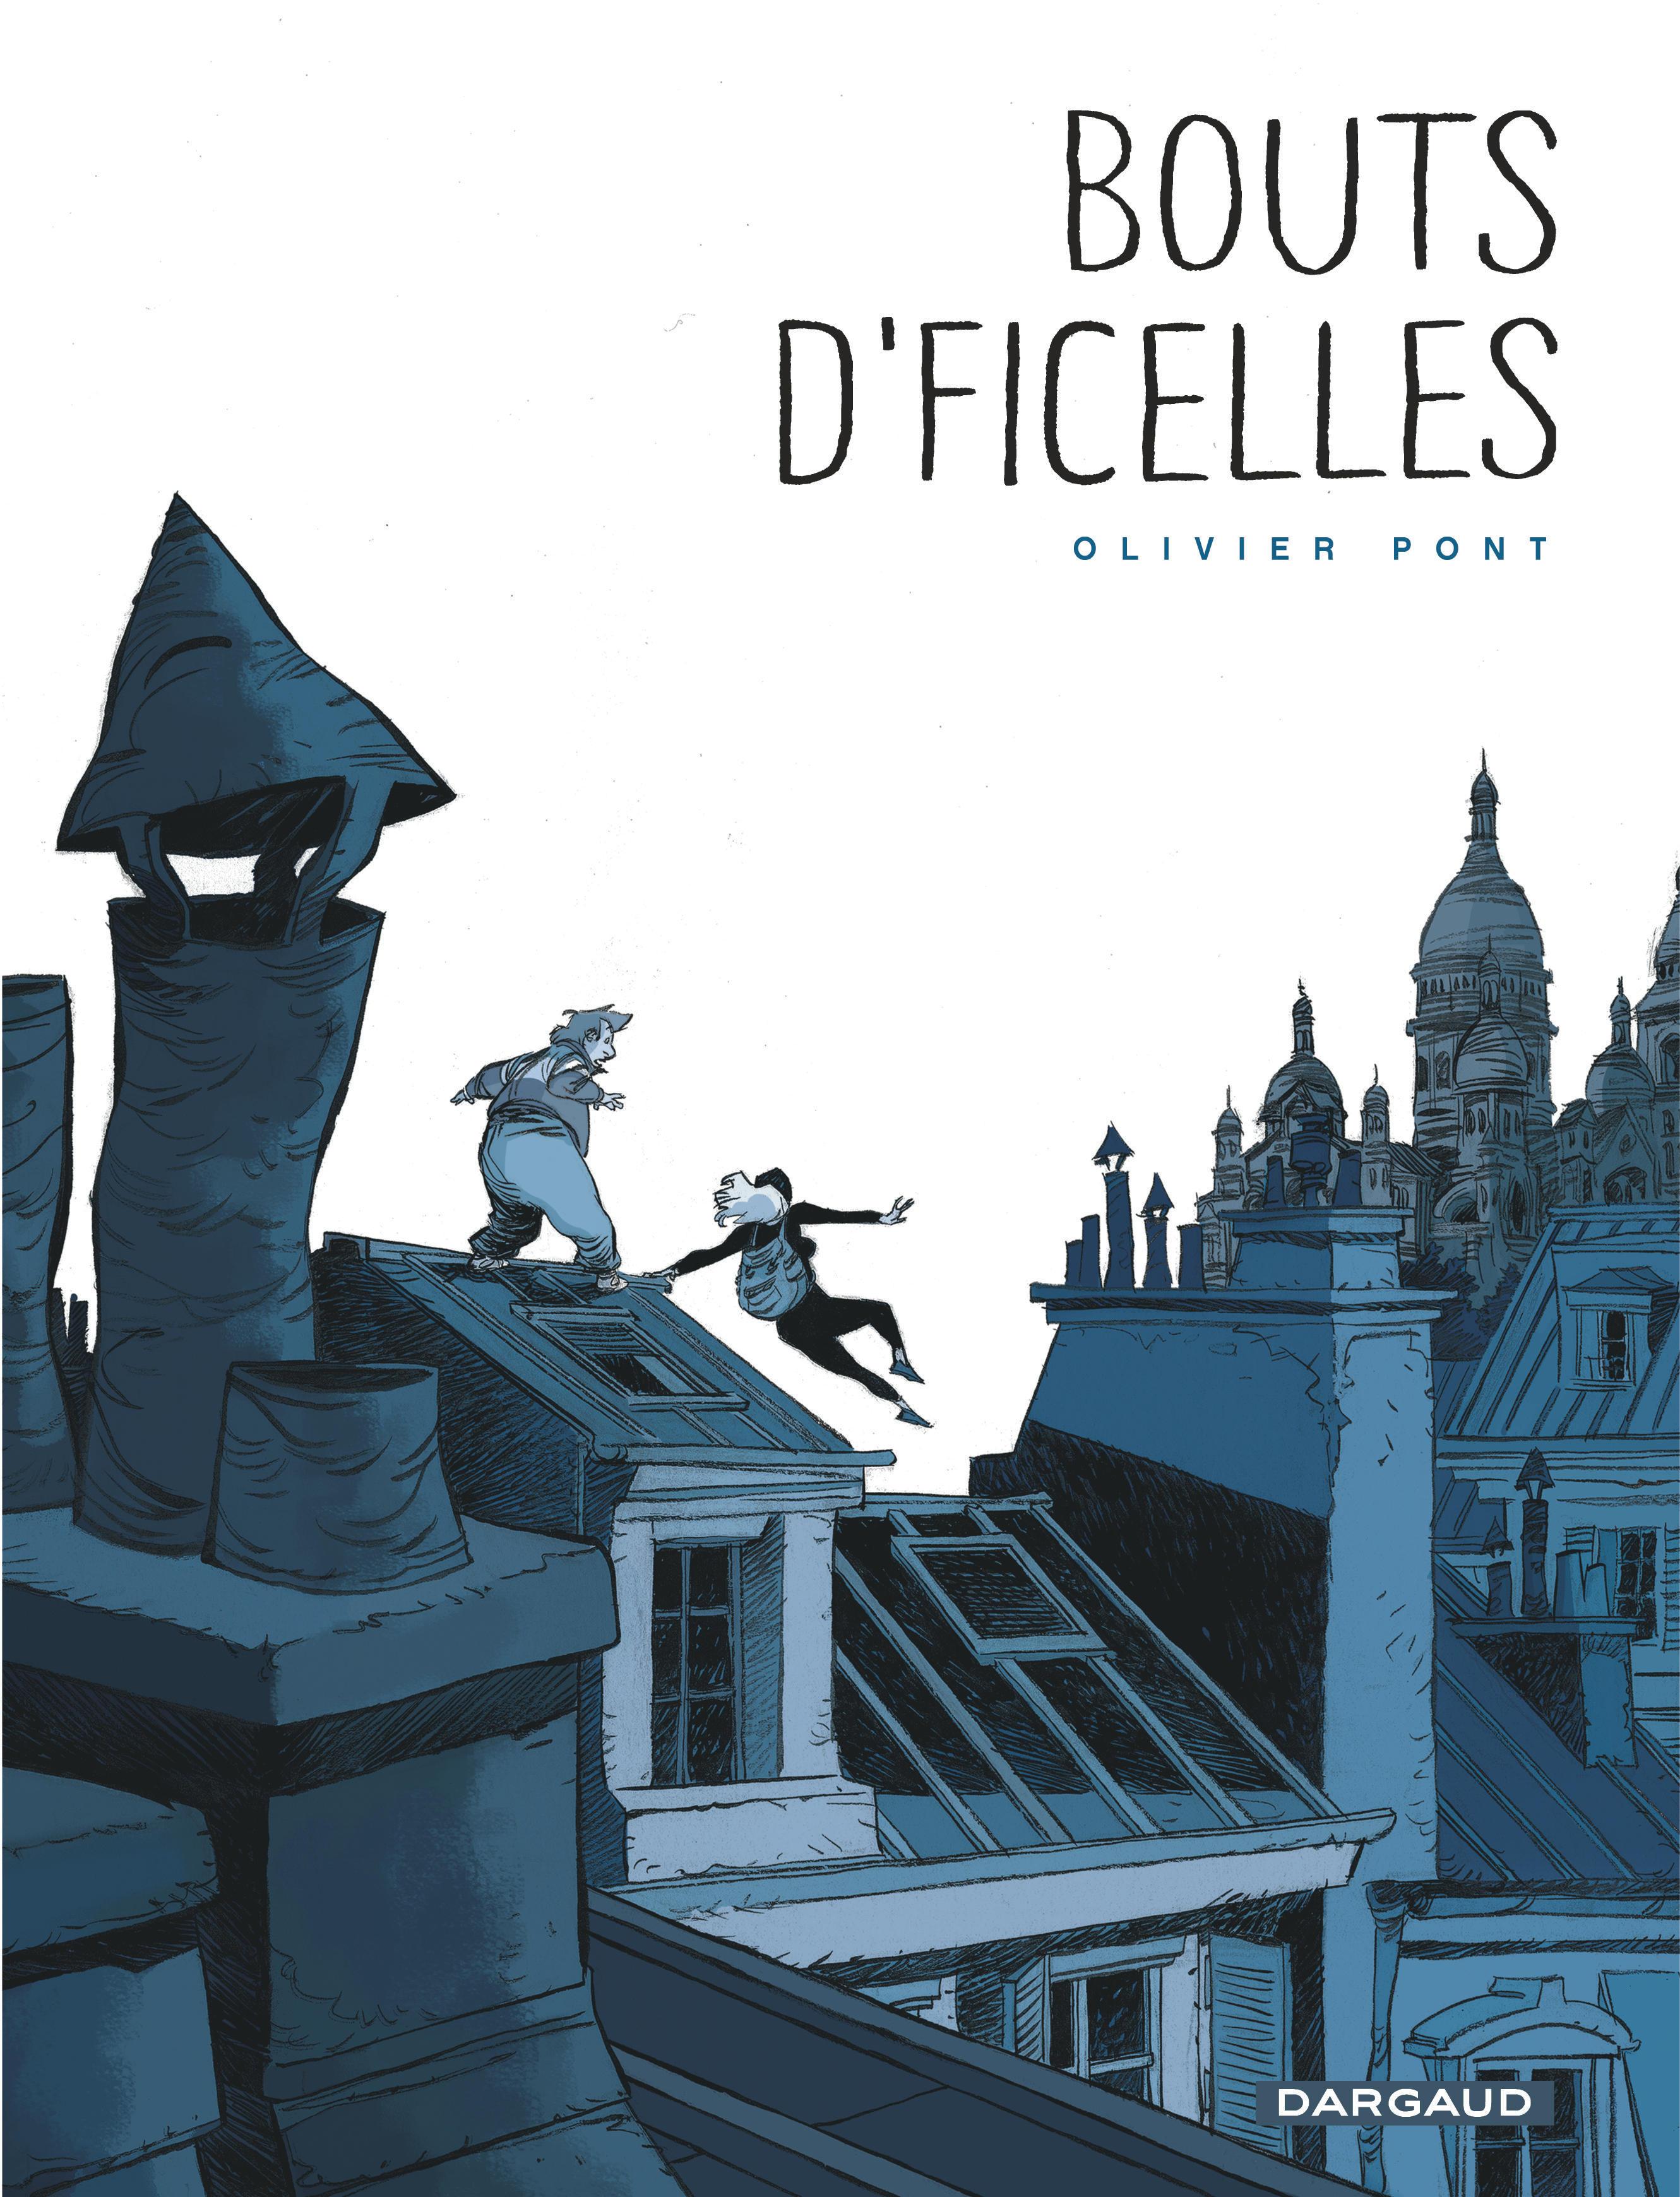 Bouts d'ficelles, Olivier Pont improvise harmonieusement